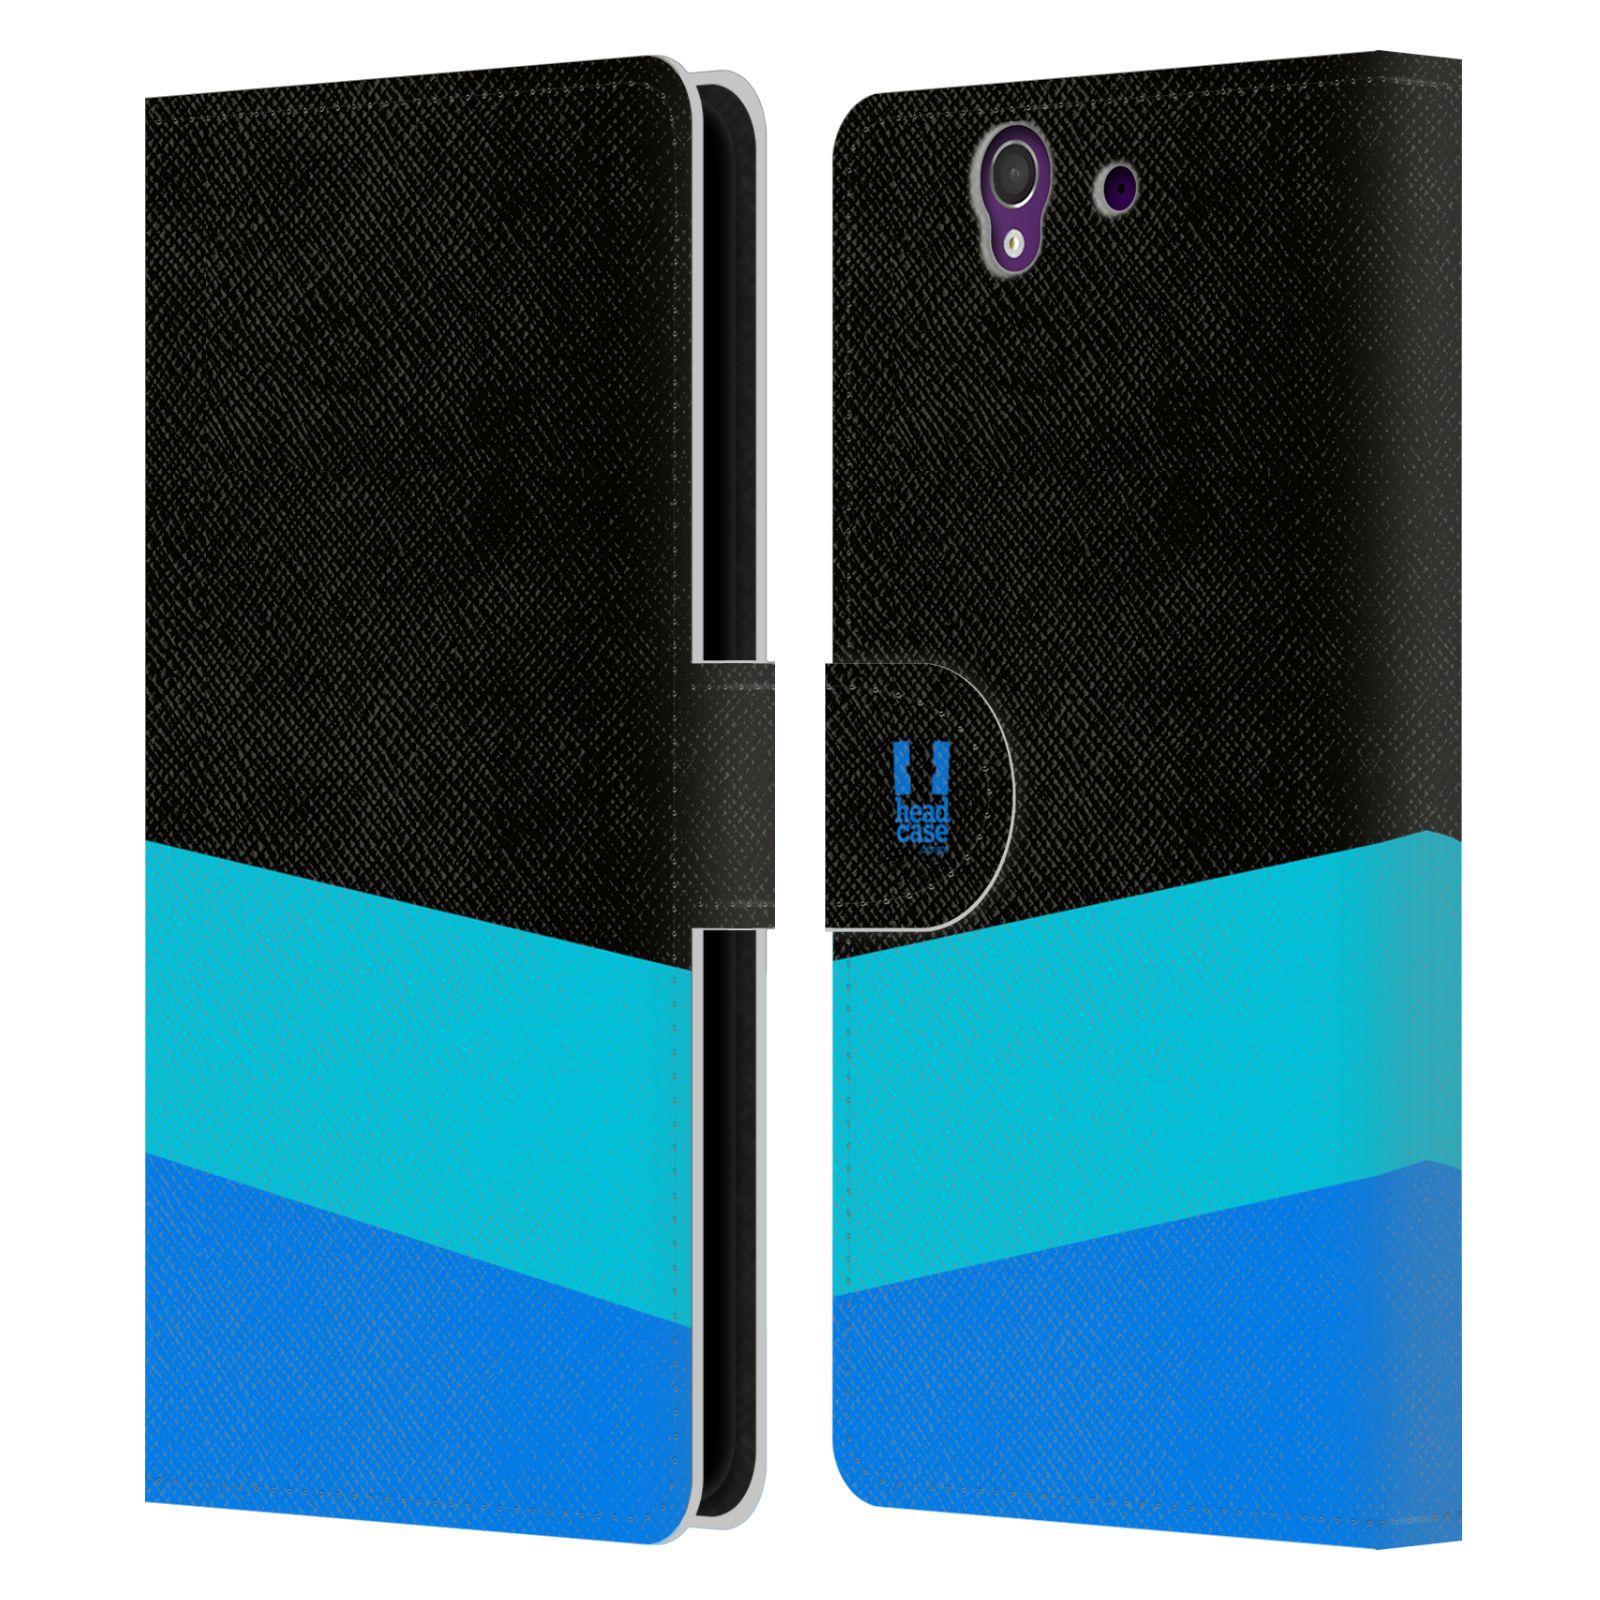 HEAD CASE Flipové pouzdro pro mobil SONY Xperia Z barevné tvary modrá a černá FORMAL